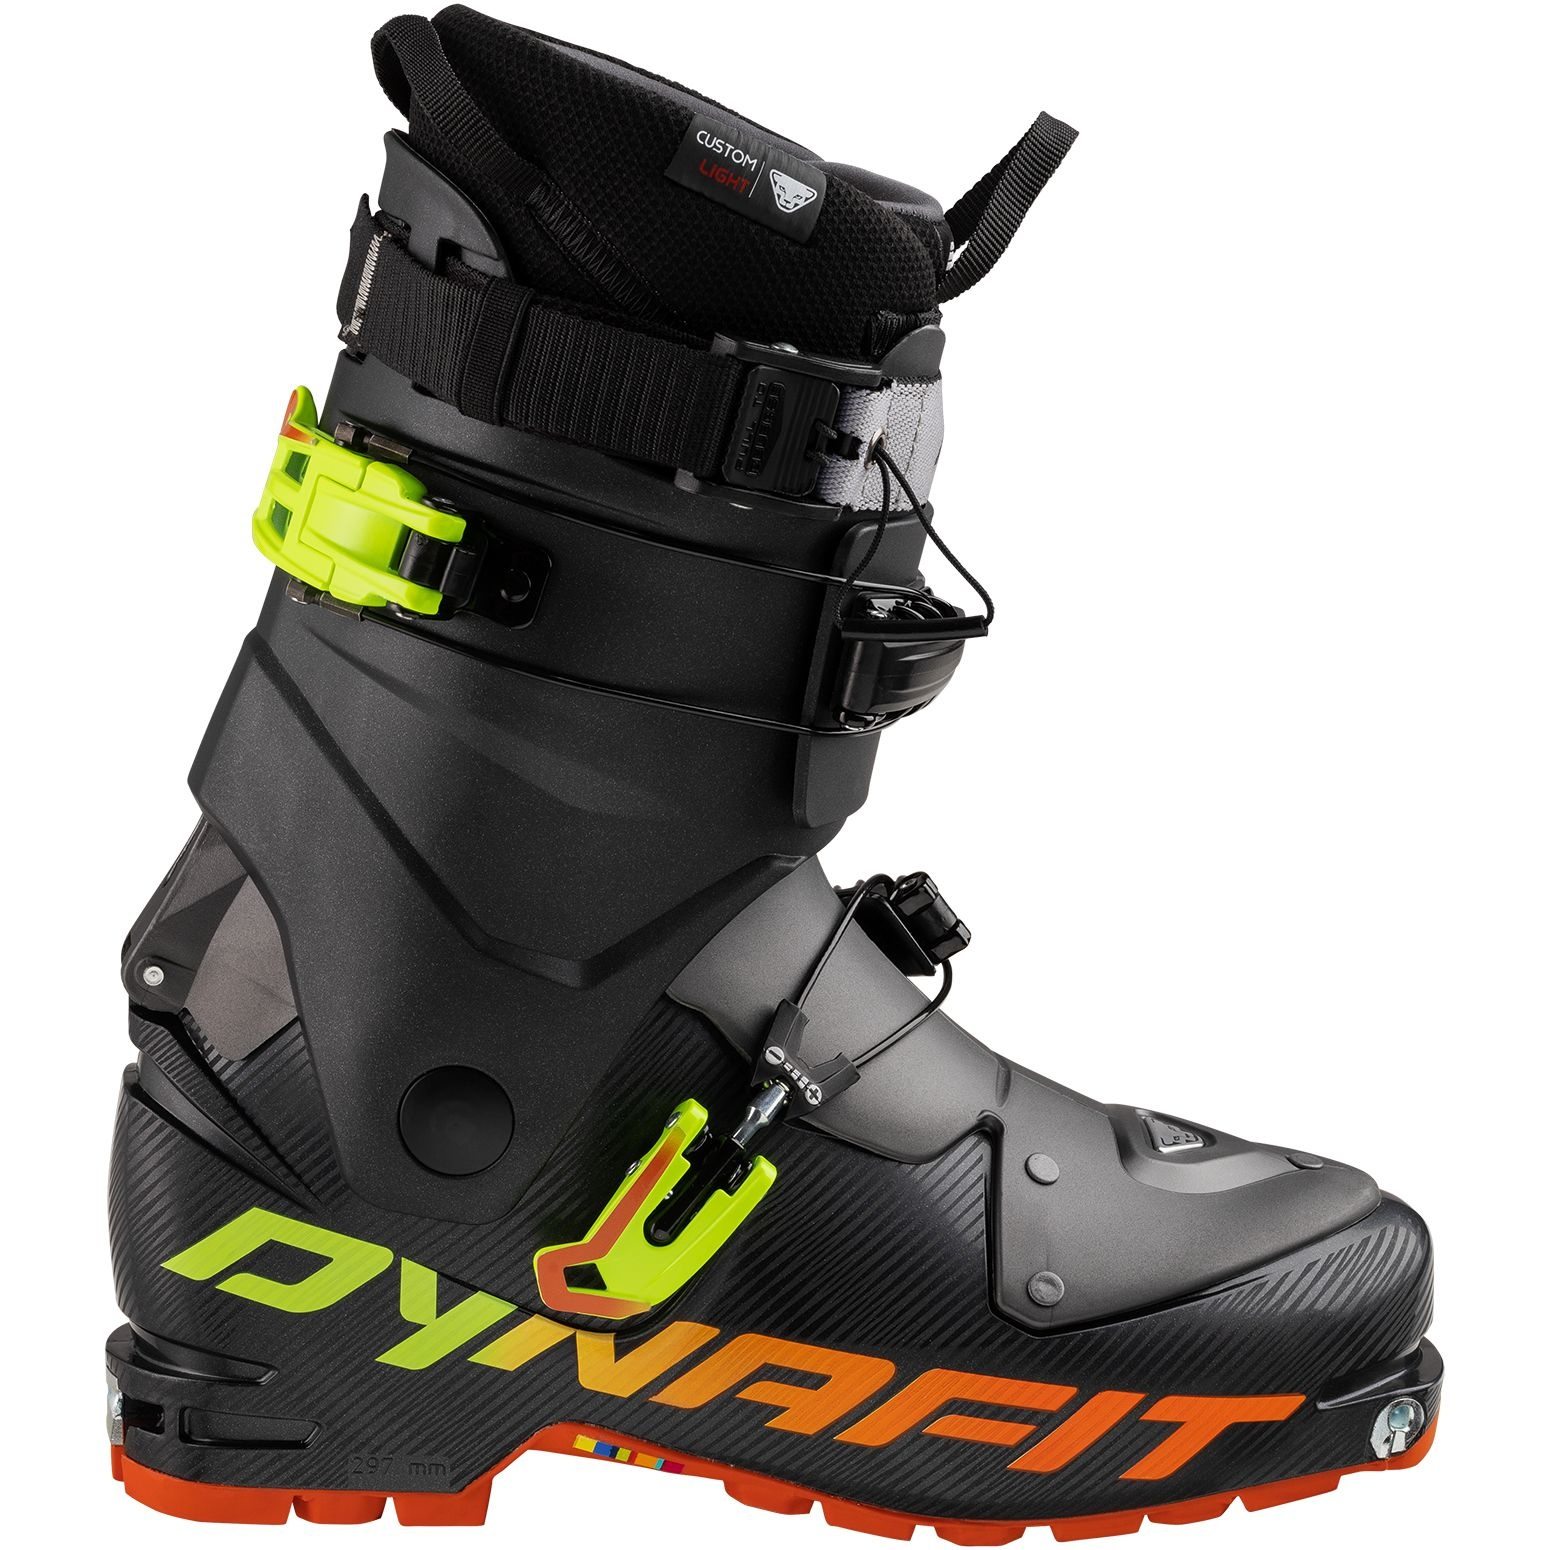 Salewa TLT Speedfit Boot